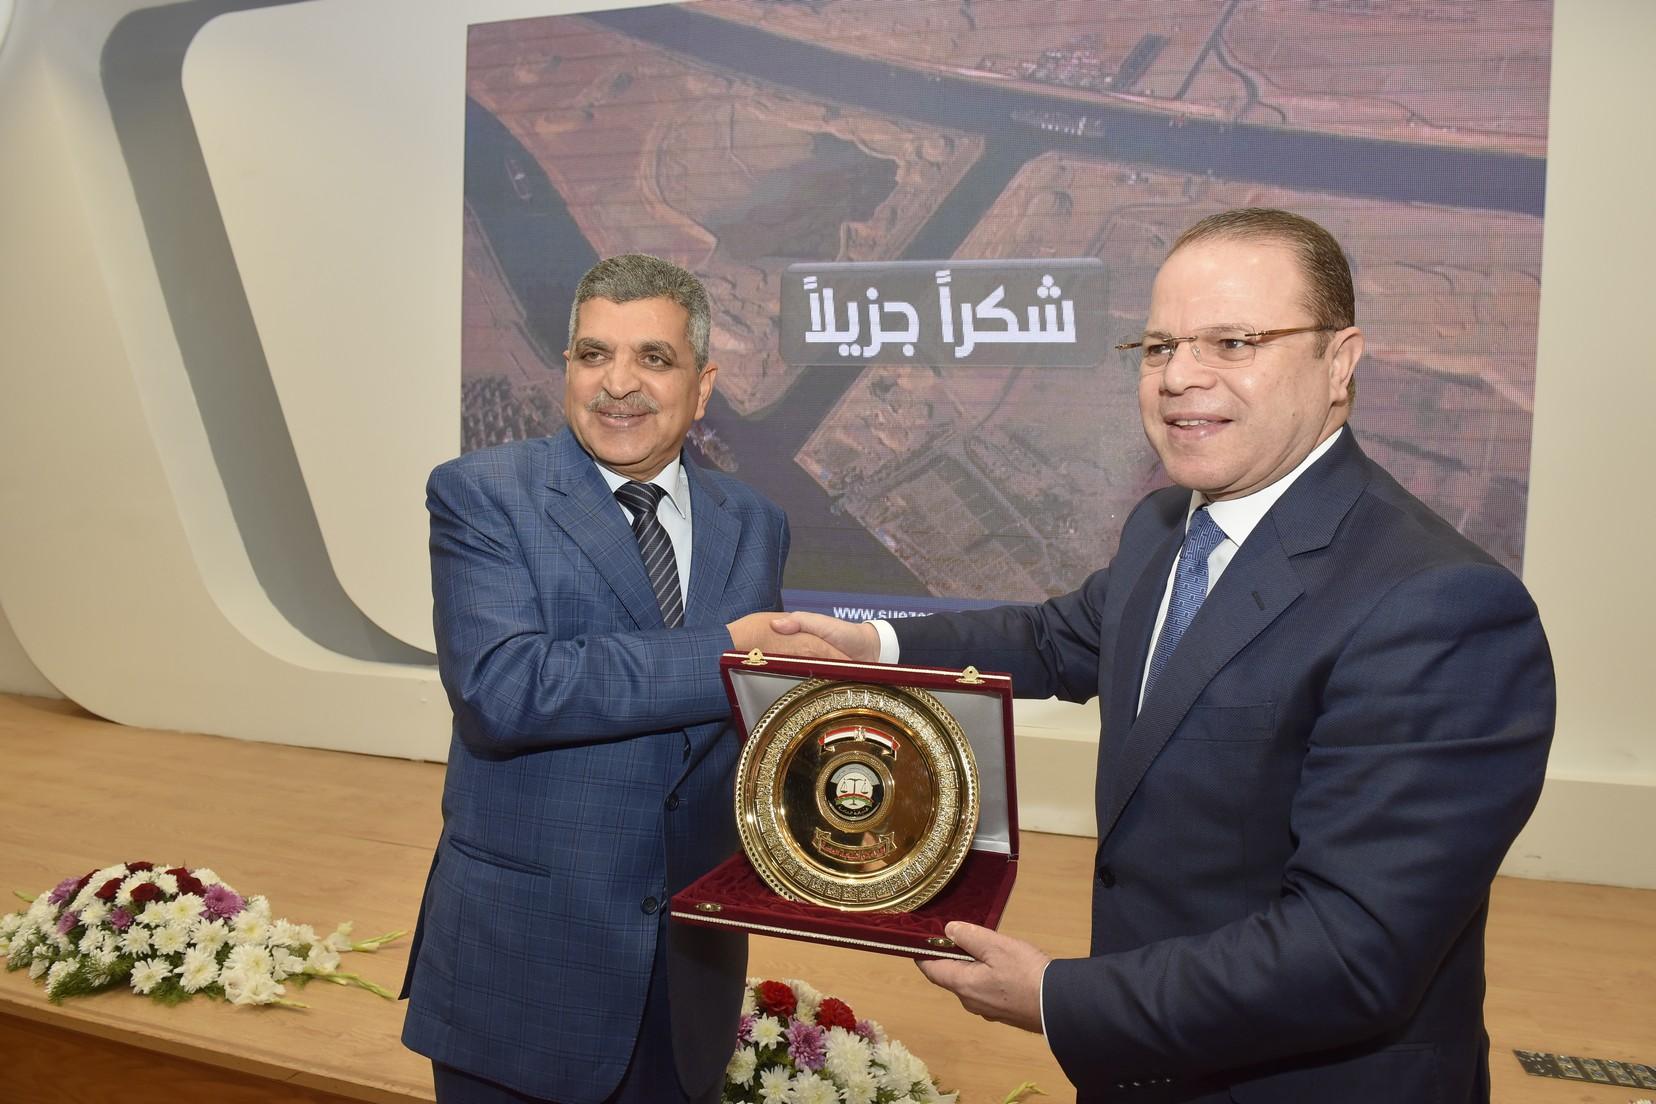 الفريق أسامة ربيع يستقبل النائب العام المصرى والسعودي (8)